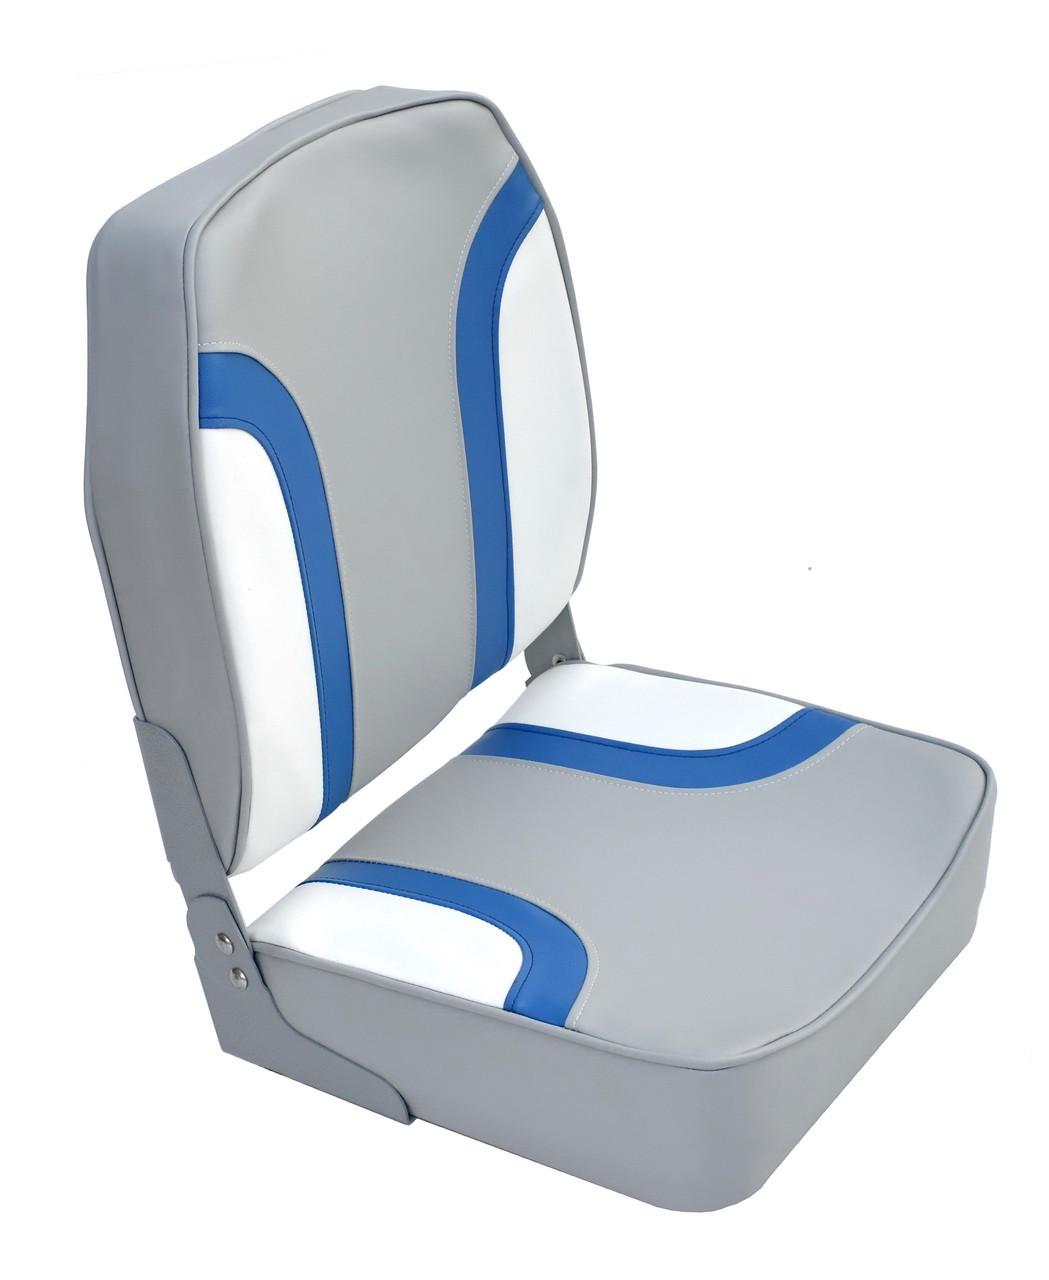 Сидіння високу лодочное светлосерое/синьо-біле